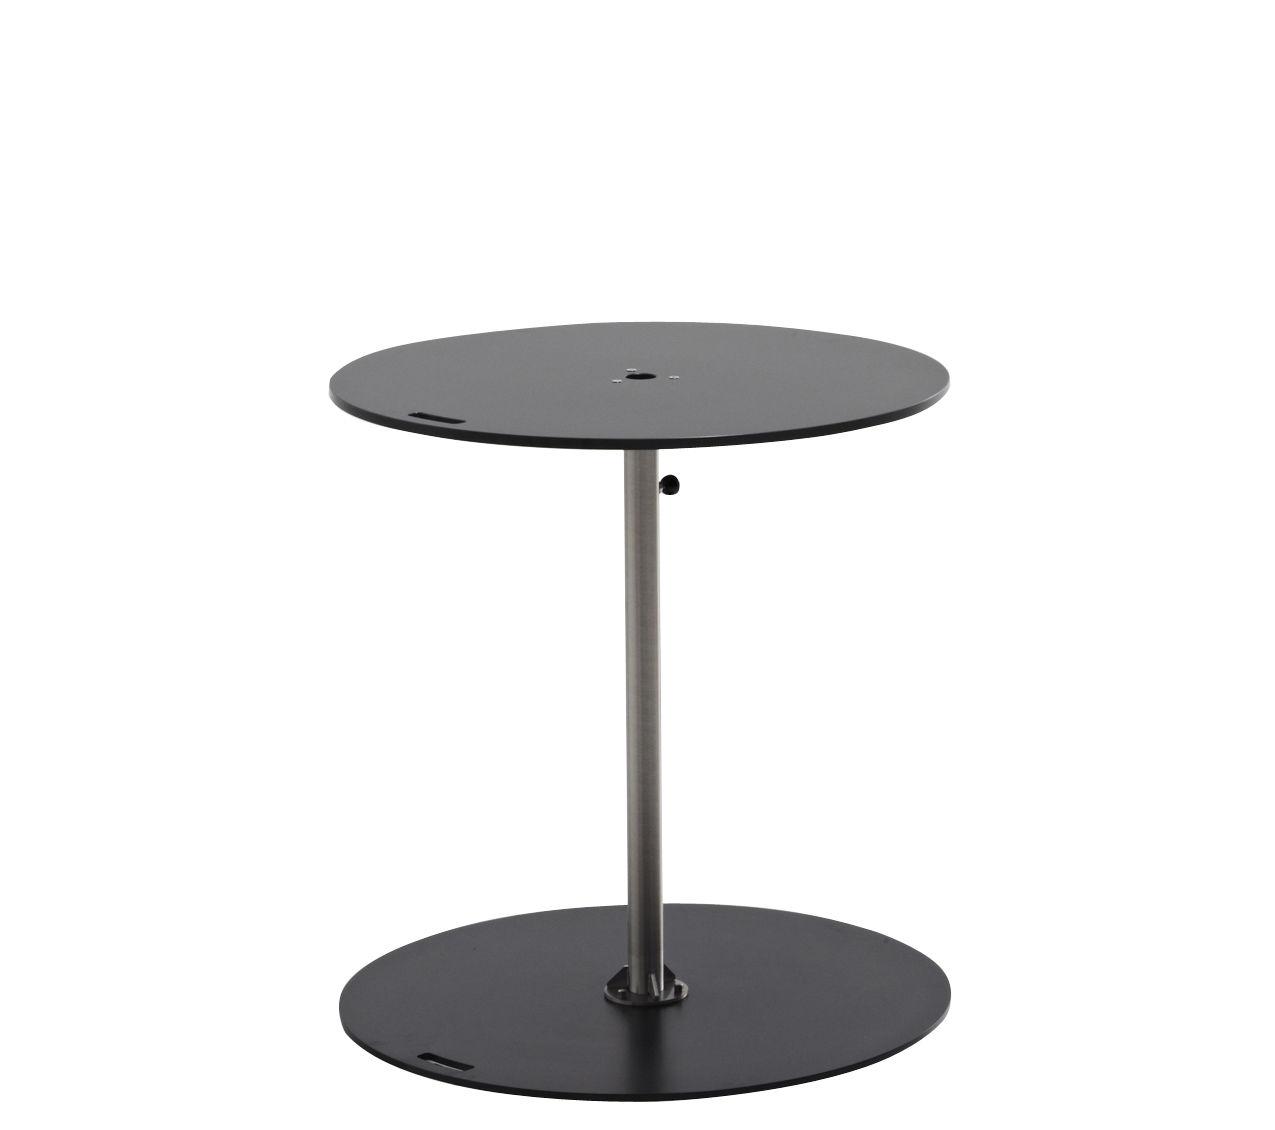 Jardin - Tables de jardin - Table / Ø 73 x H 75 cm - Trou parasol - Extremis - Noir - Acier